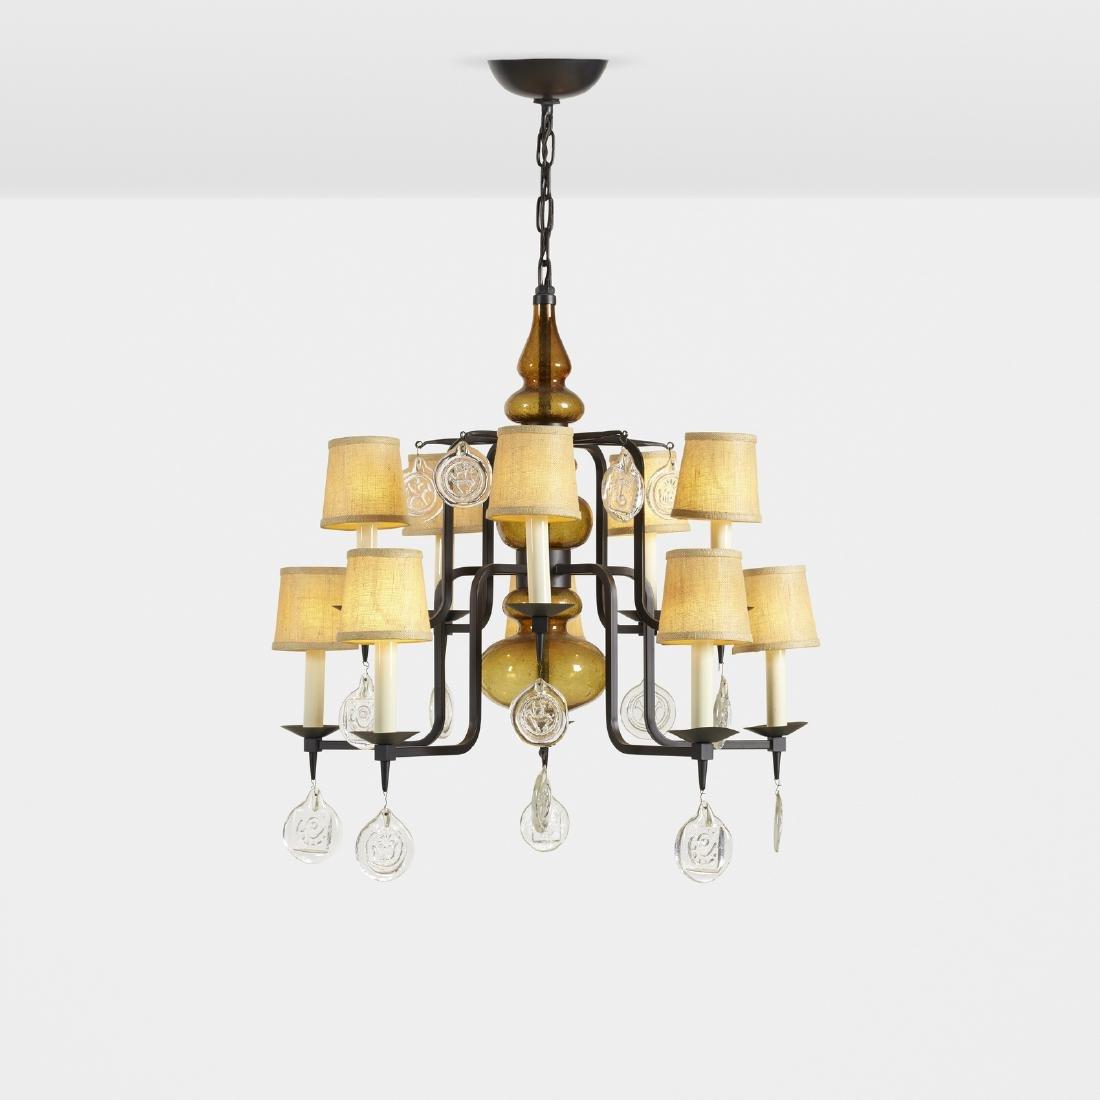 Erik Hoglund, chandelier